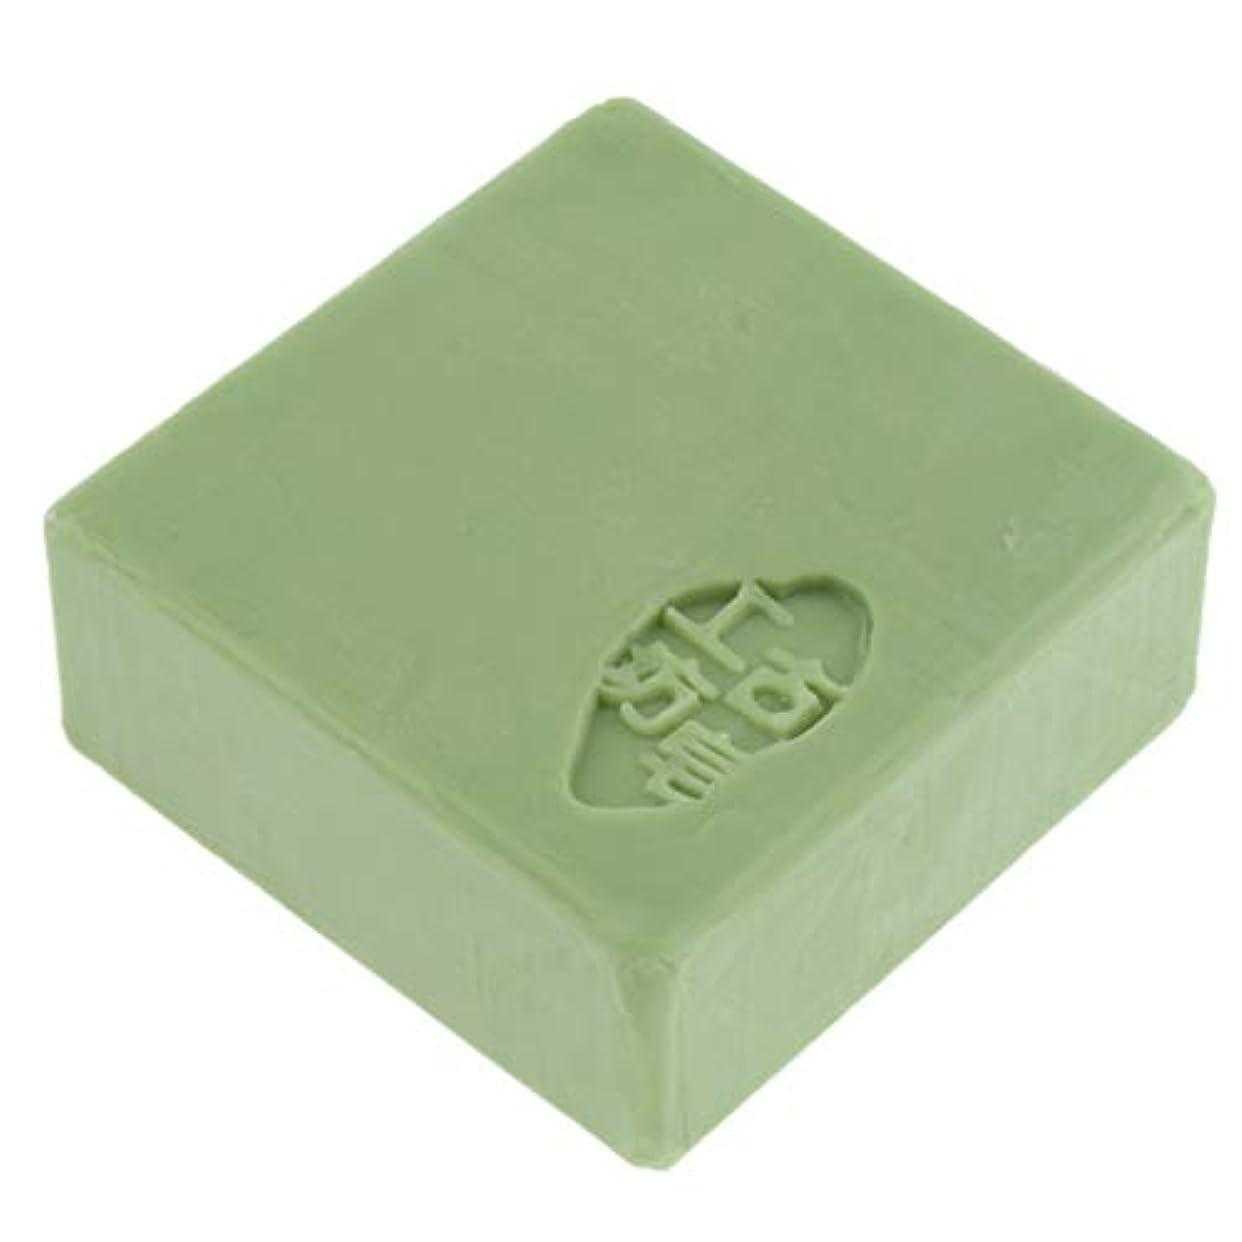 エジプト人パン屋可能にする全3色 バス スキンケア フェイス ボディソープ 石鹸 保湿 肌守り - 緑